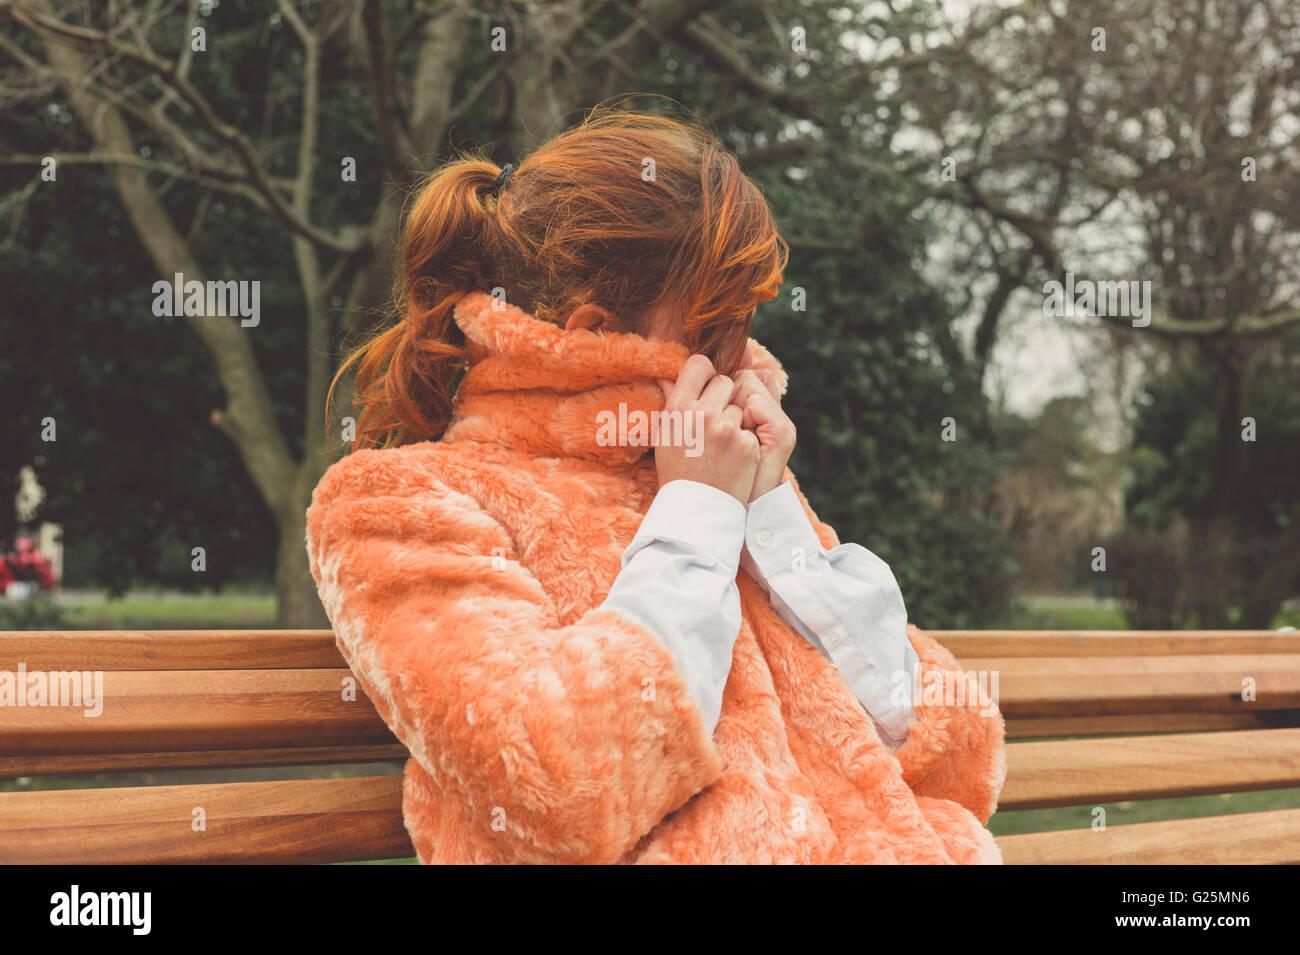 Un joven está sentado en una banca del parque y se envuelve en su abrigo en un día de invierno Imagen De Stock